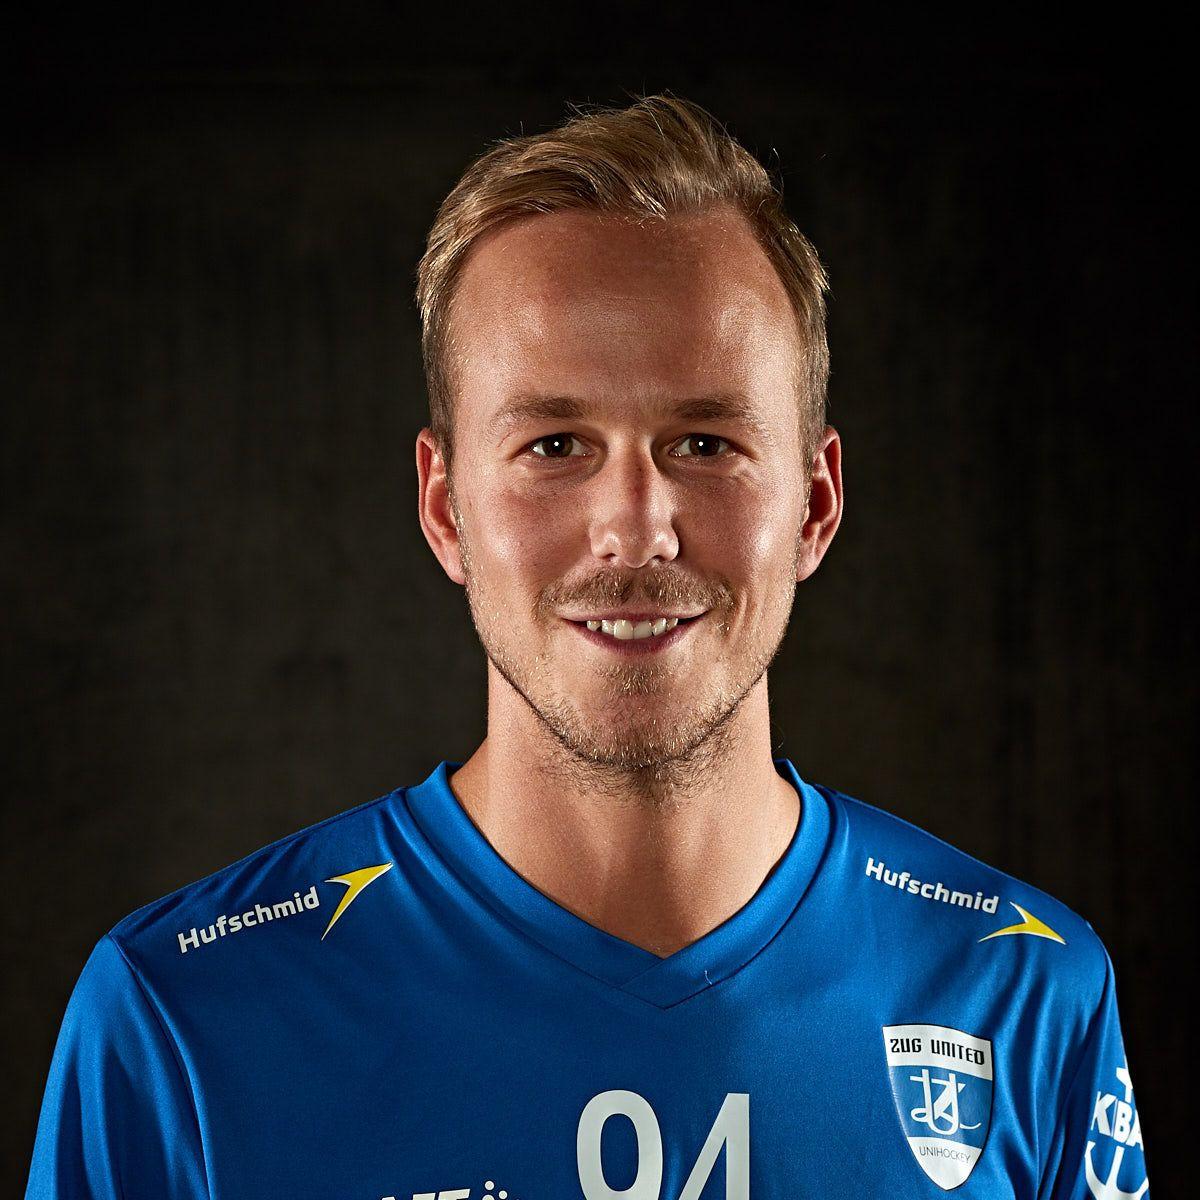 Zug United Männer NLA Alexander Larsson.jpg